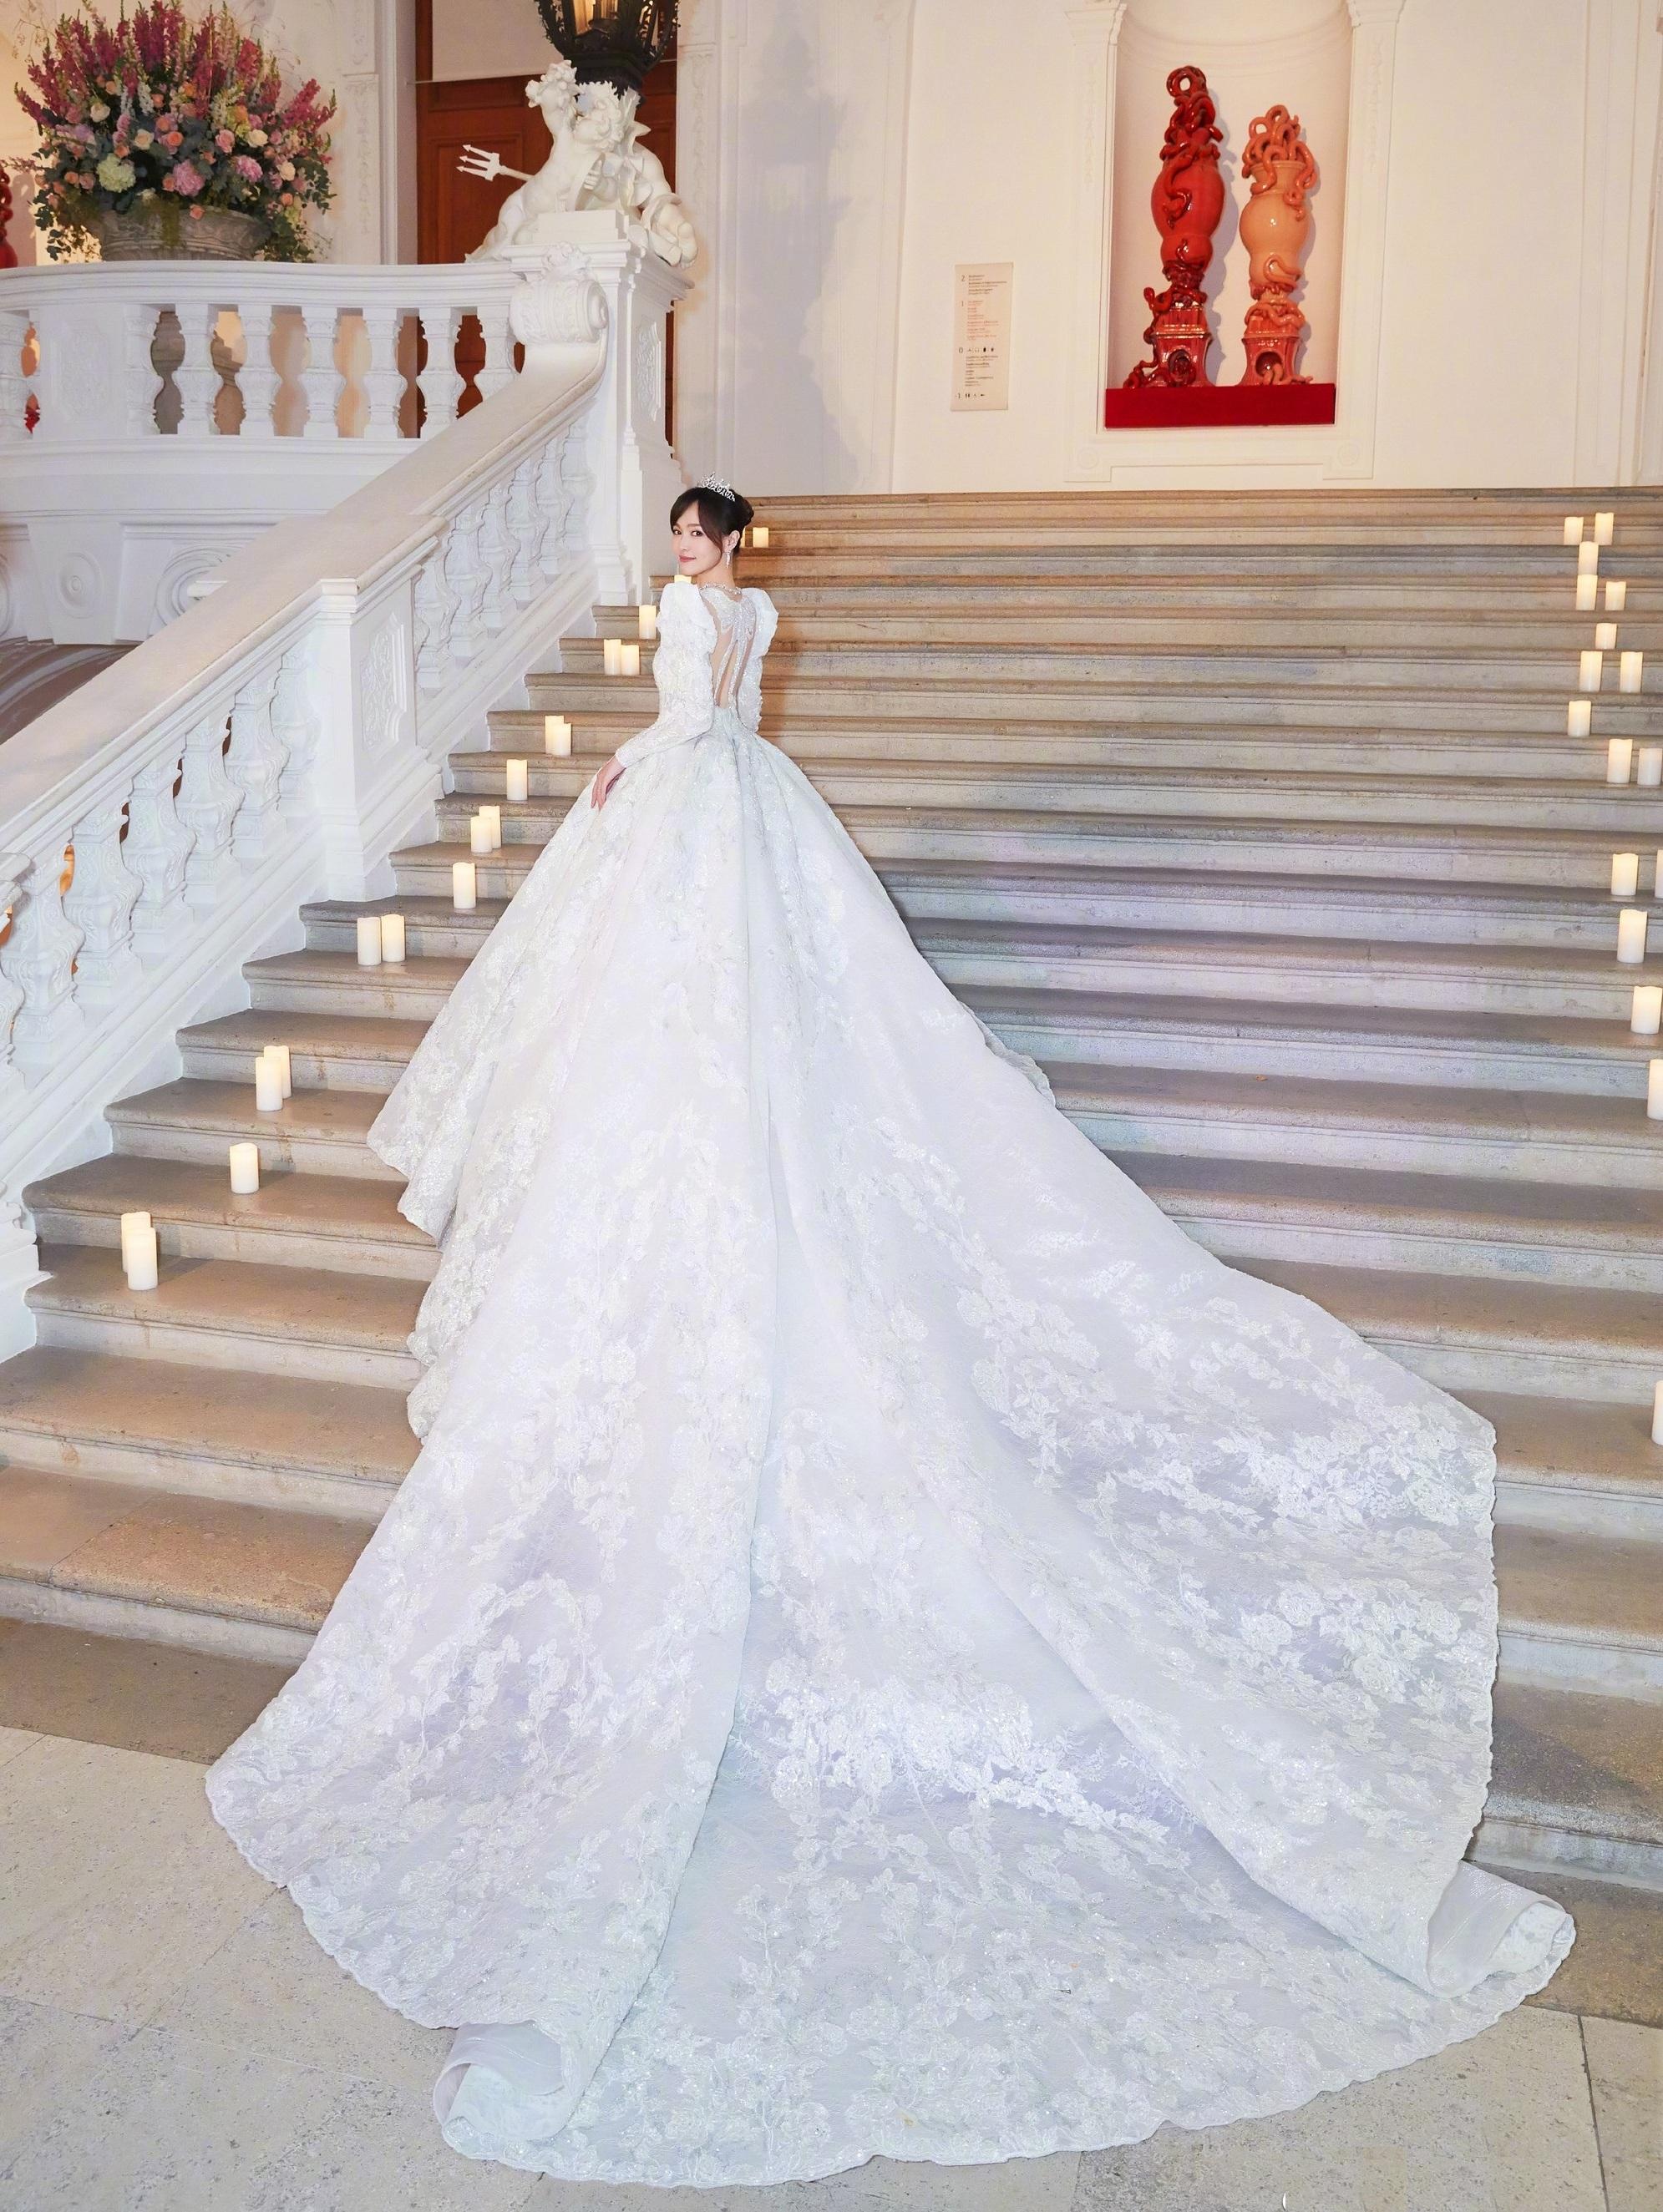 Chụp hình cưới cô dâu đẹp với váy cưới sang trọng